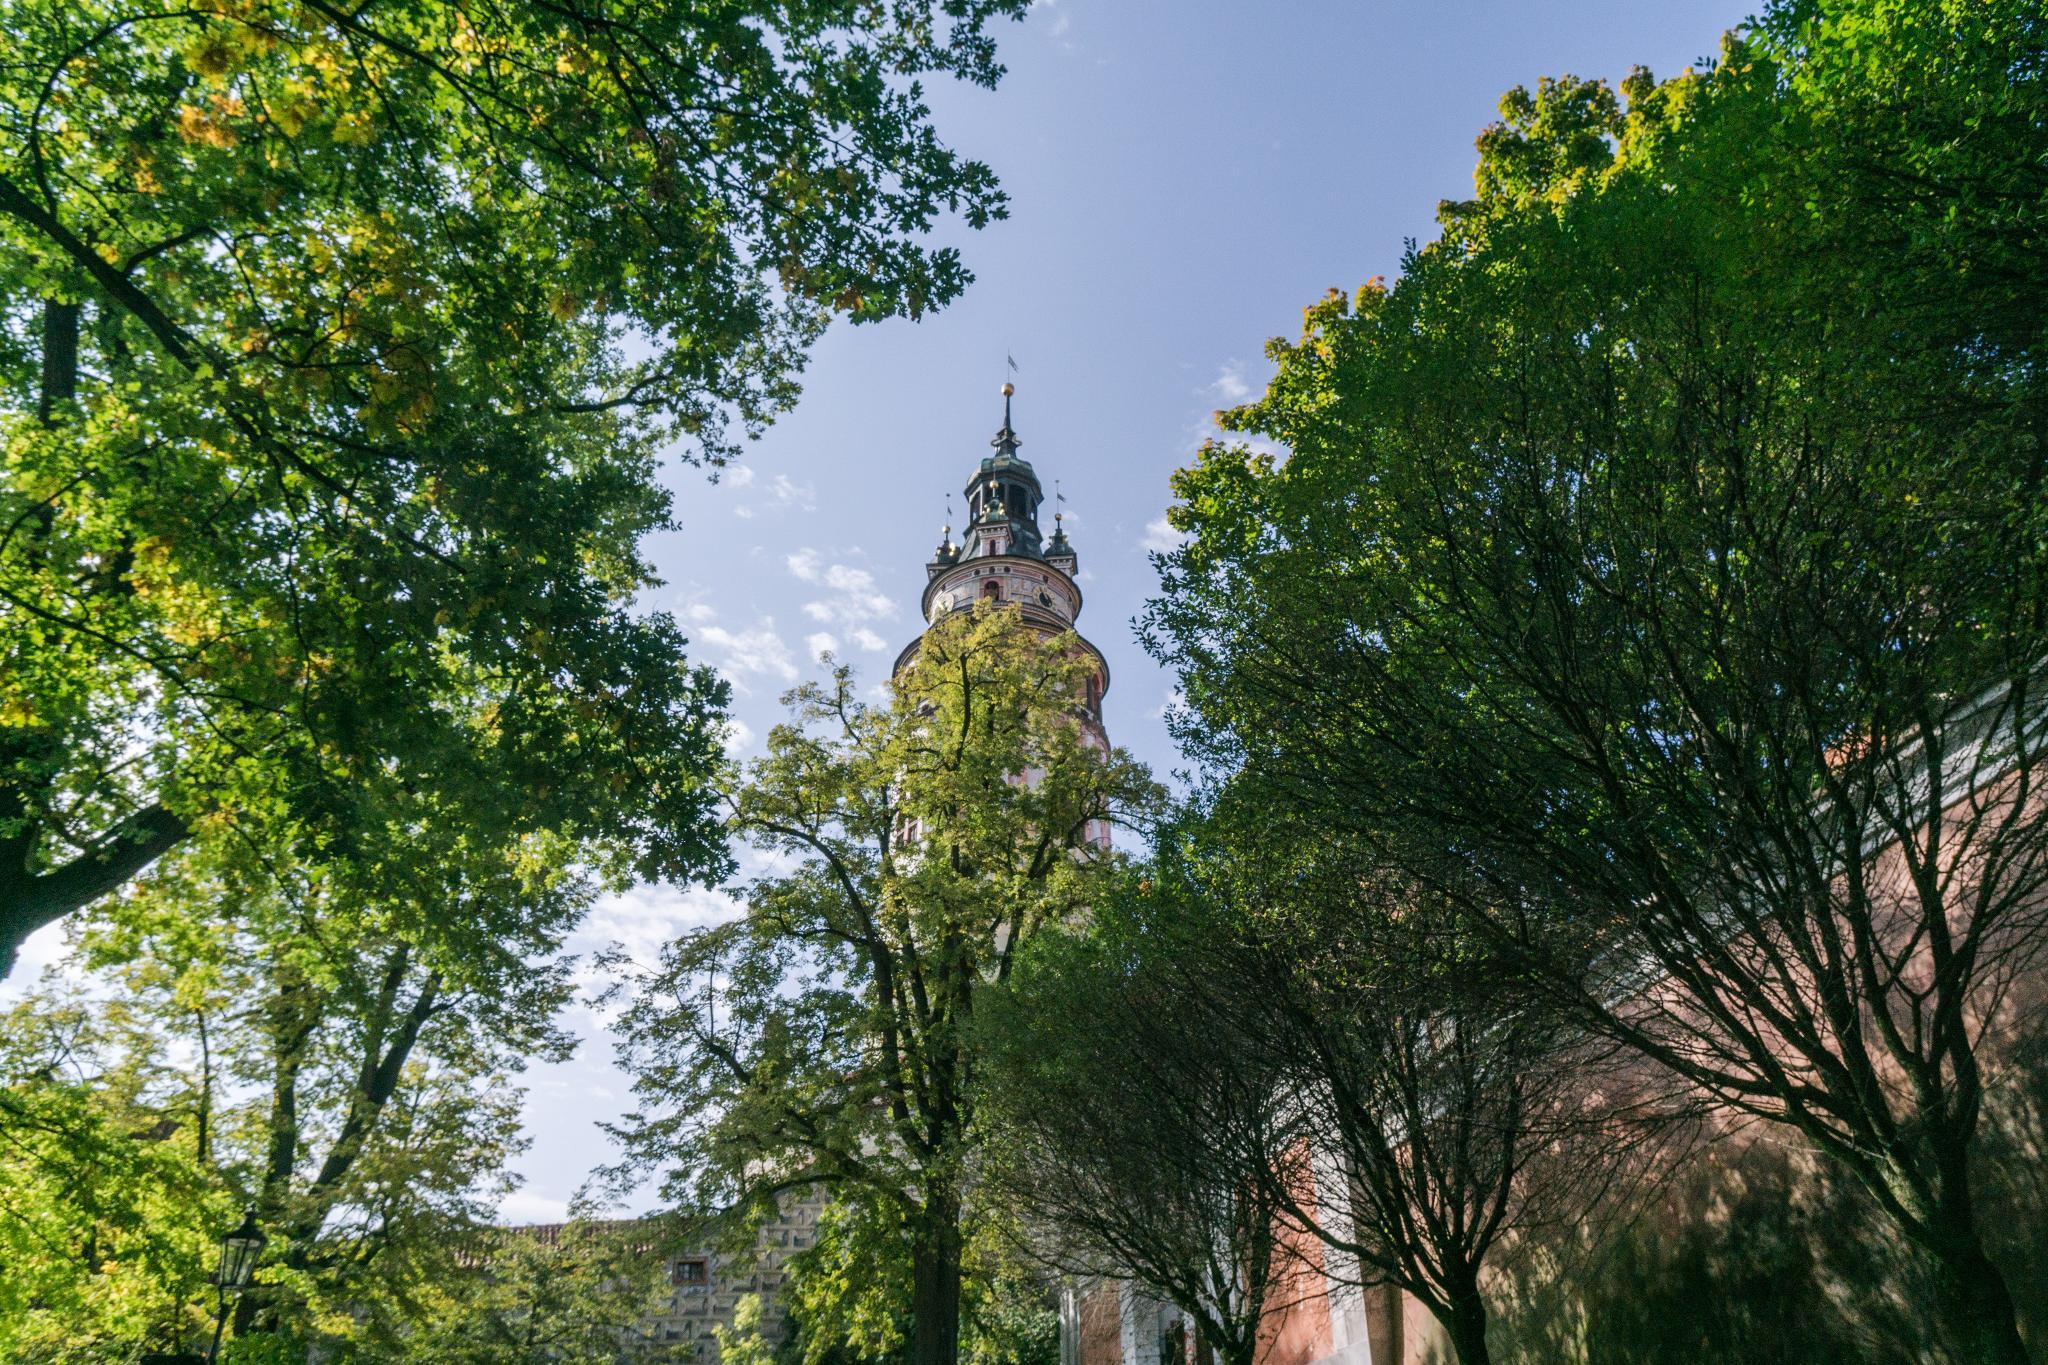 【捷克】穿越時空的波希米亞狂想曲 — Český Krumlov Castle 庫倫諾夫城堡 2